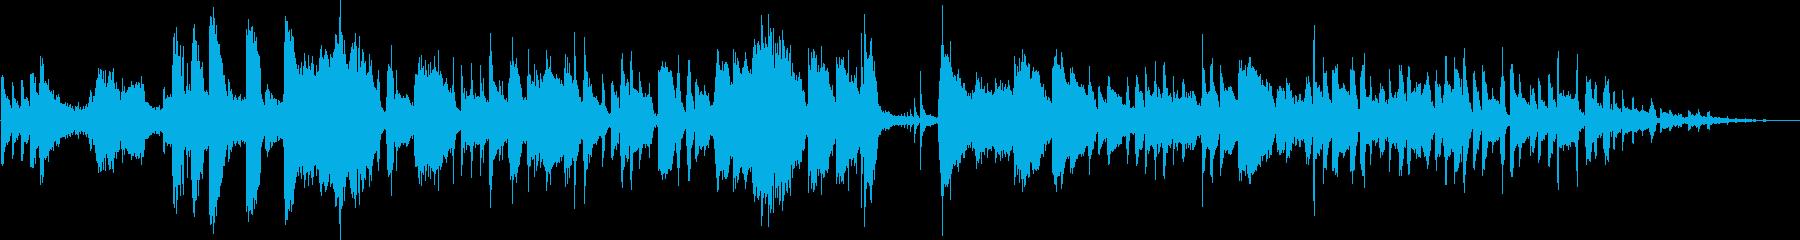 勢いのある独特なメロディーの再生済みの波形